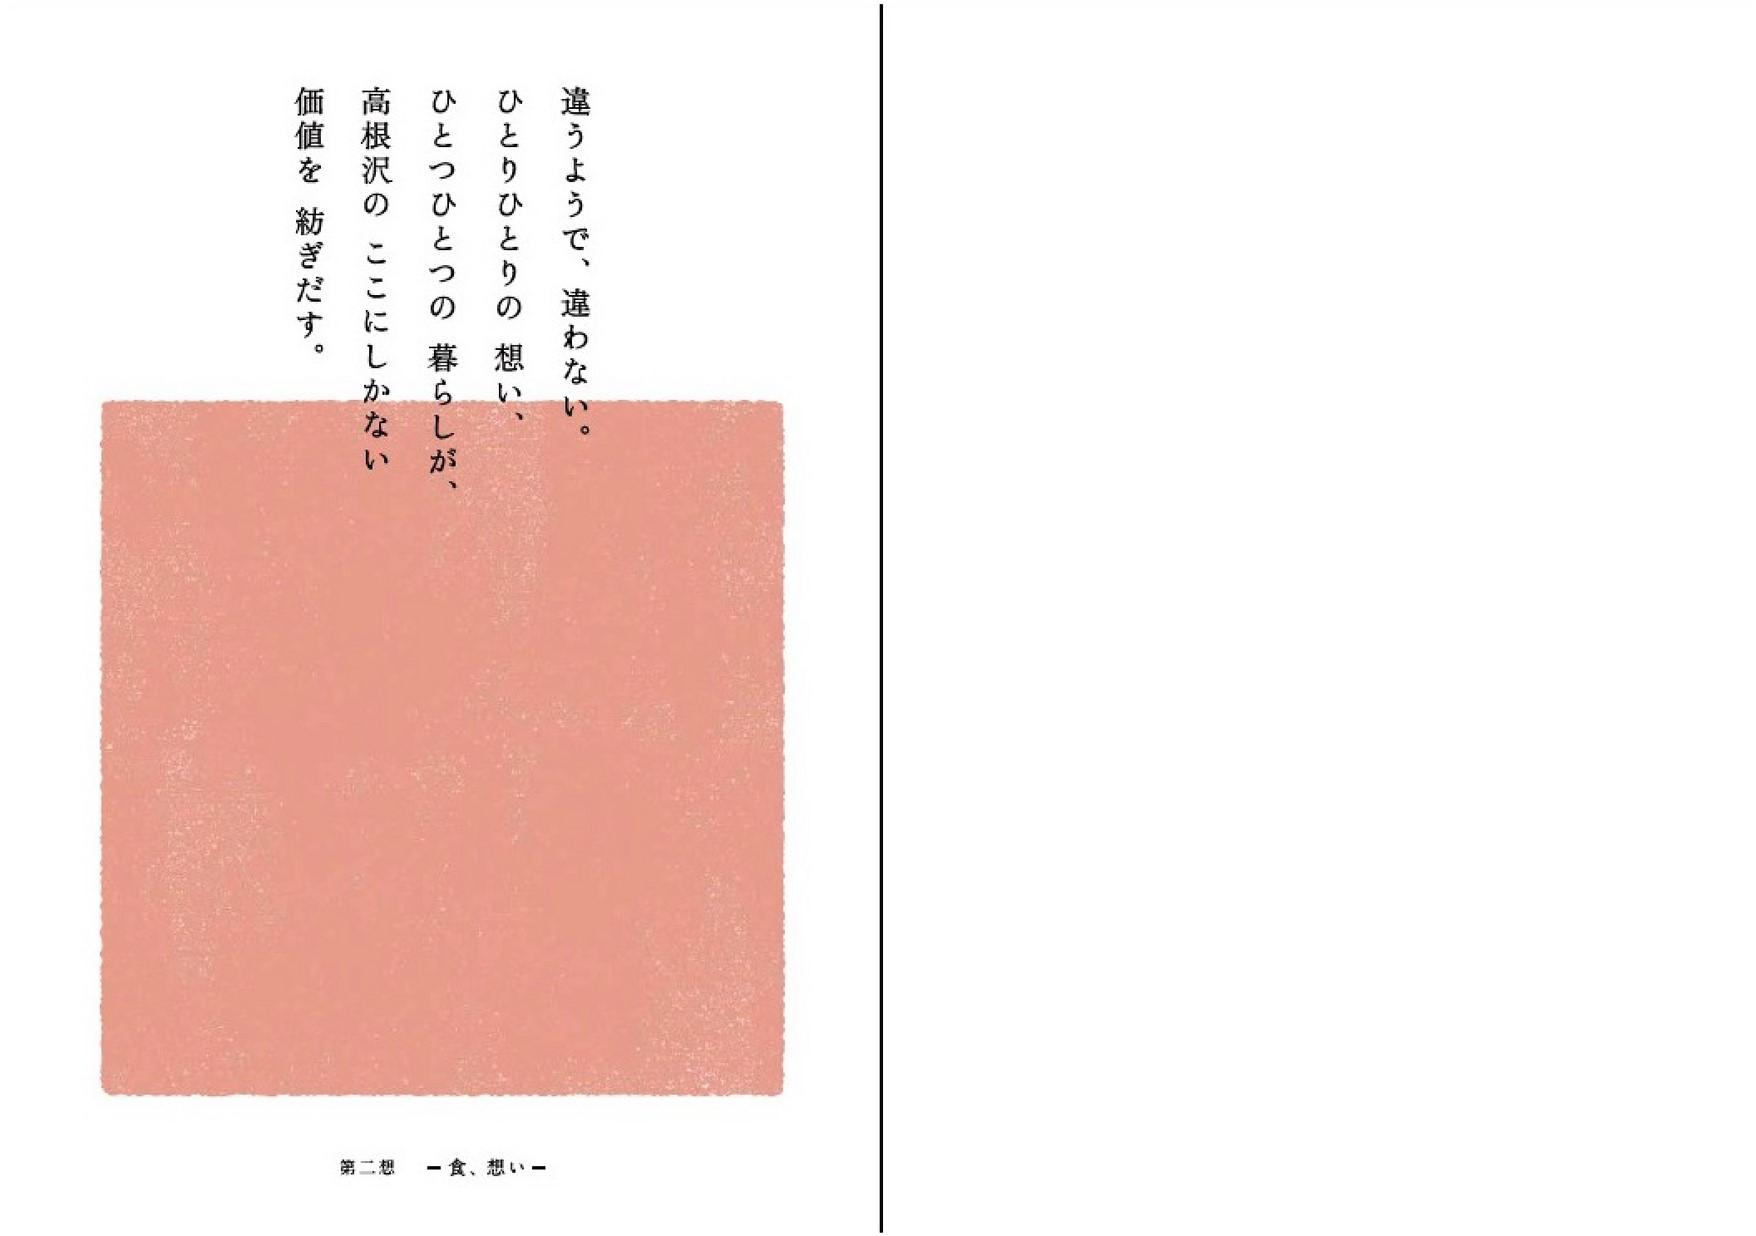 高根沢町PR冊子(赤版)| トチギイーブックス TOCHIGI ebooks 栃木県 ...